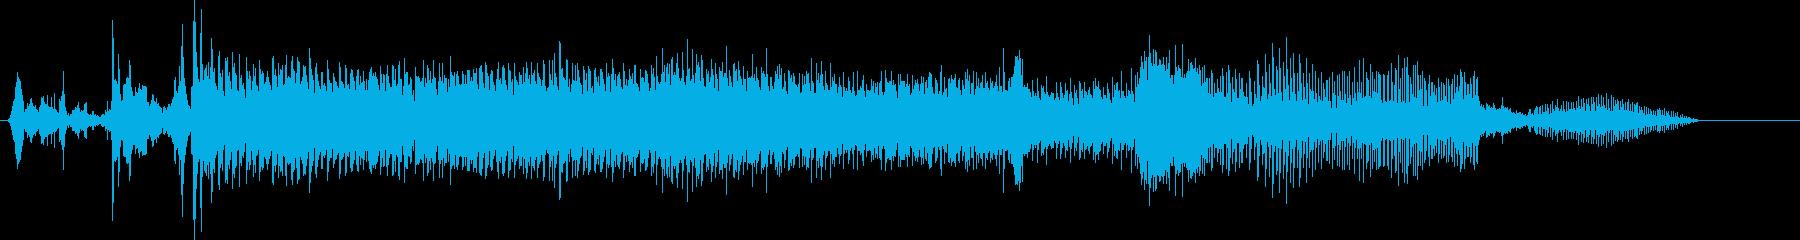 自動車;スタート/アウェイ;モーガ...の再生済みの波形